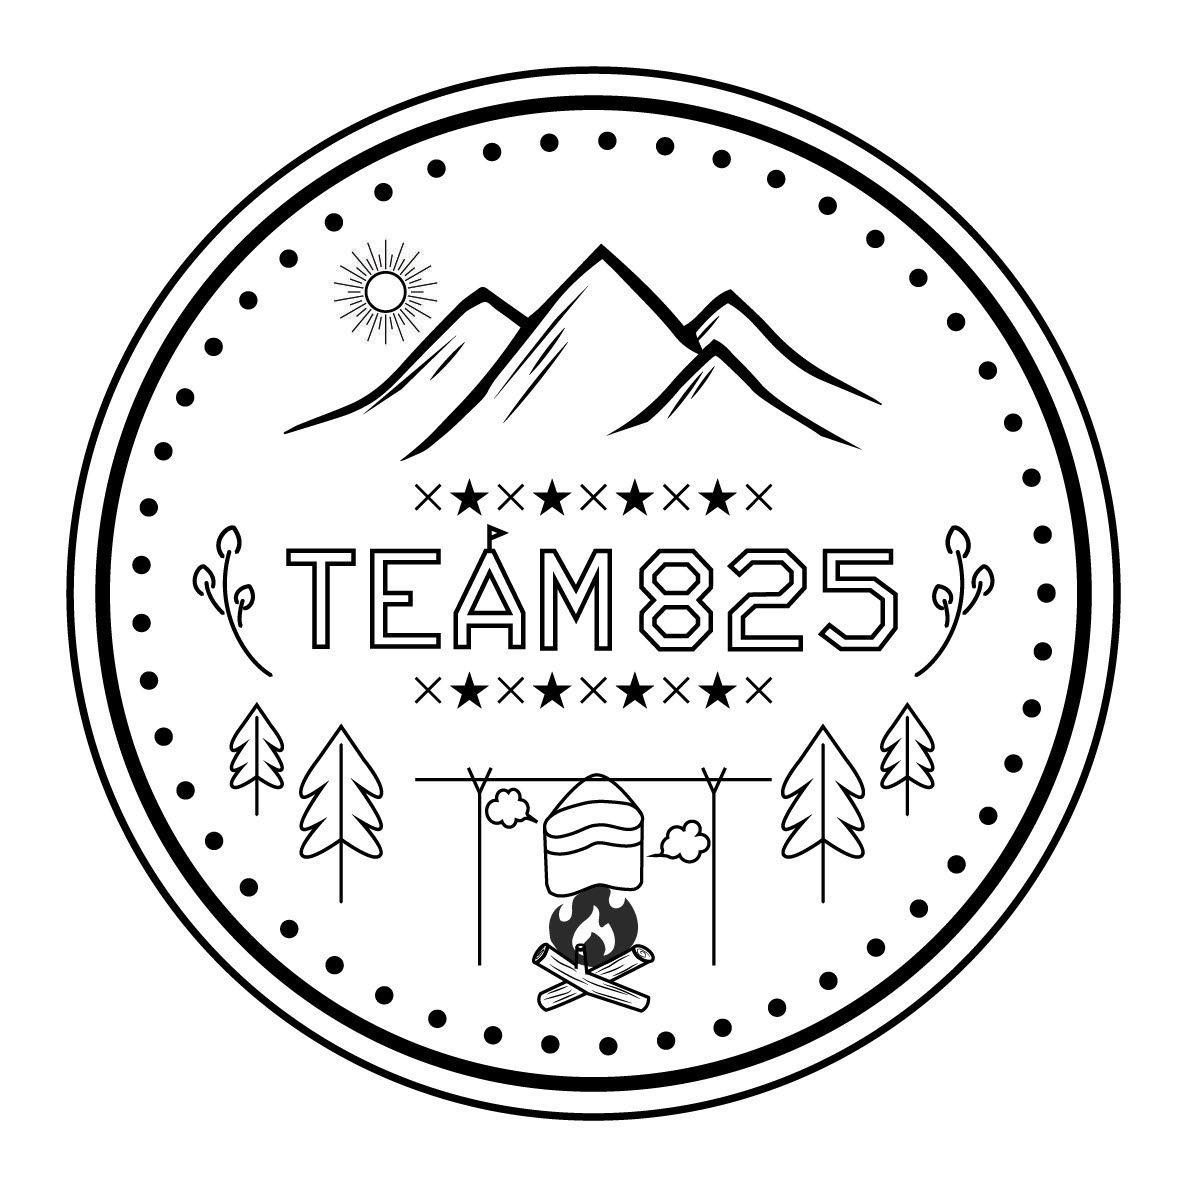 オリジナルロゴデザイン作成、承ります ご依頼の前に必ずサービス内容をご覧いただき、ご連絡ください☻